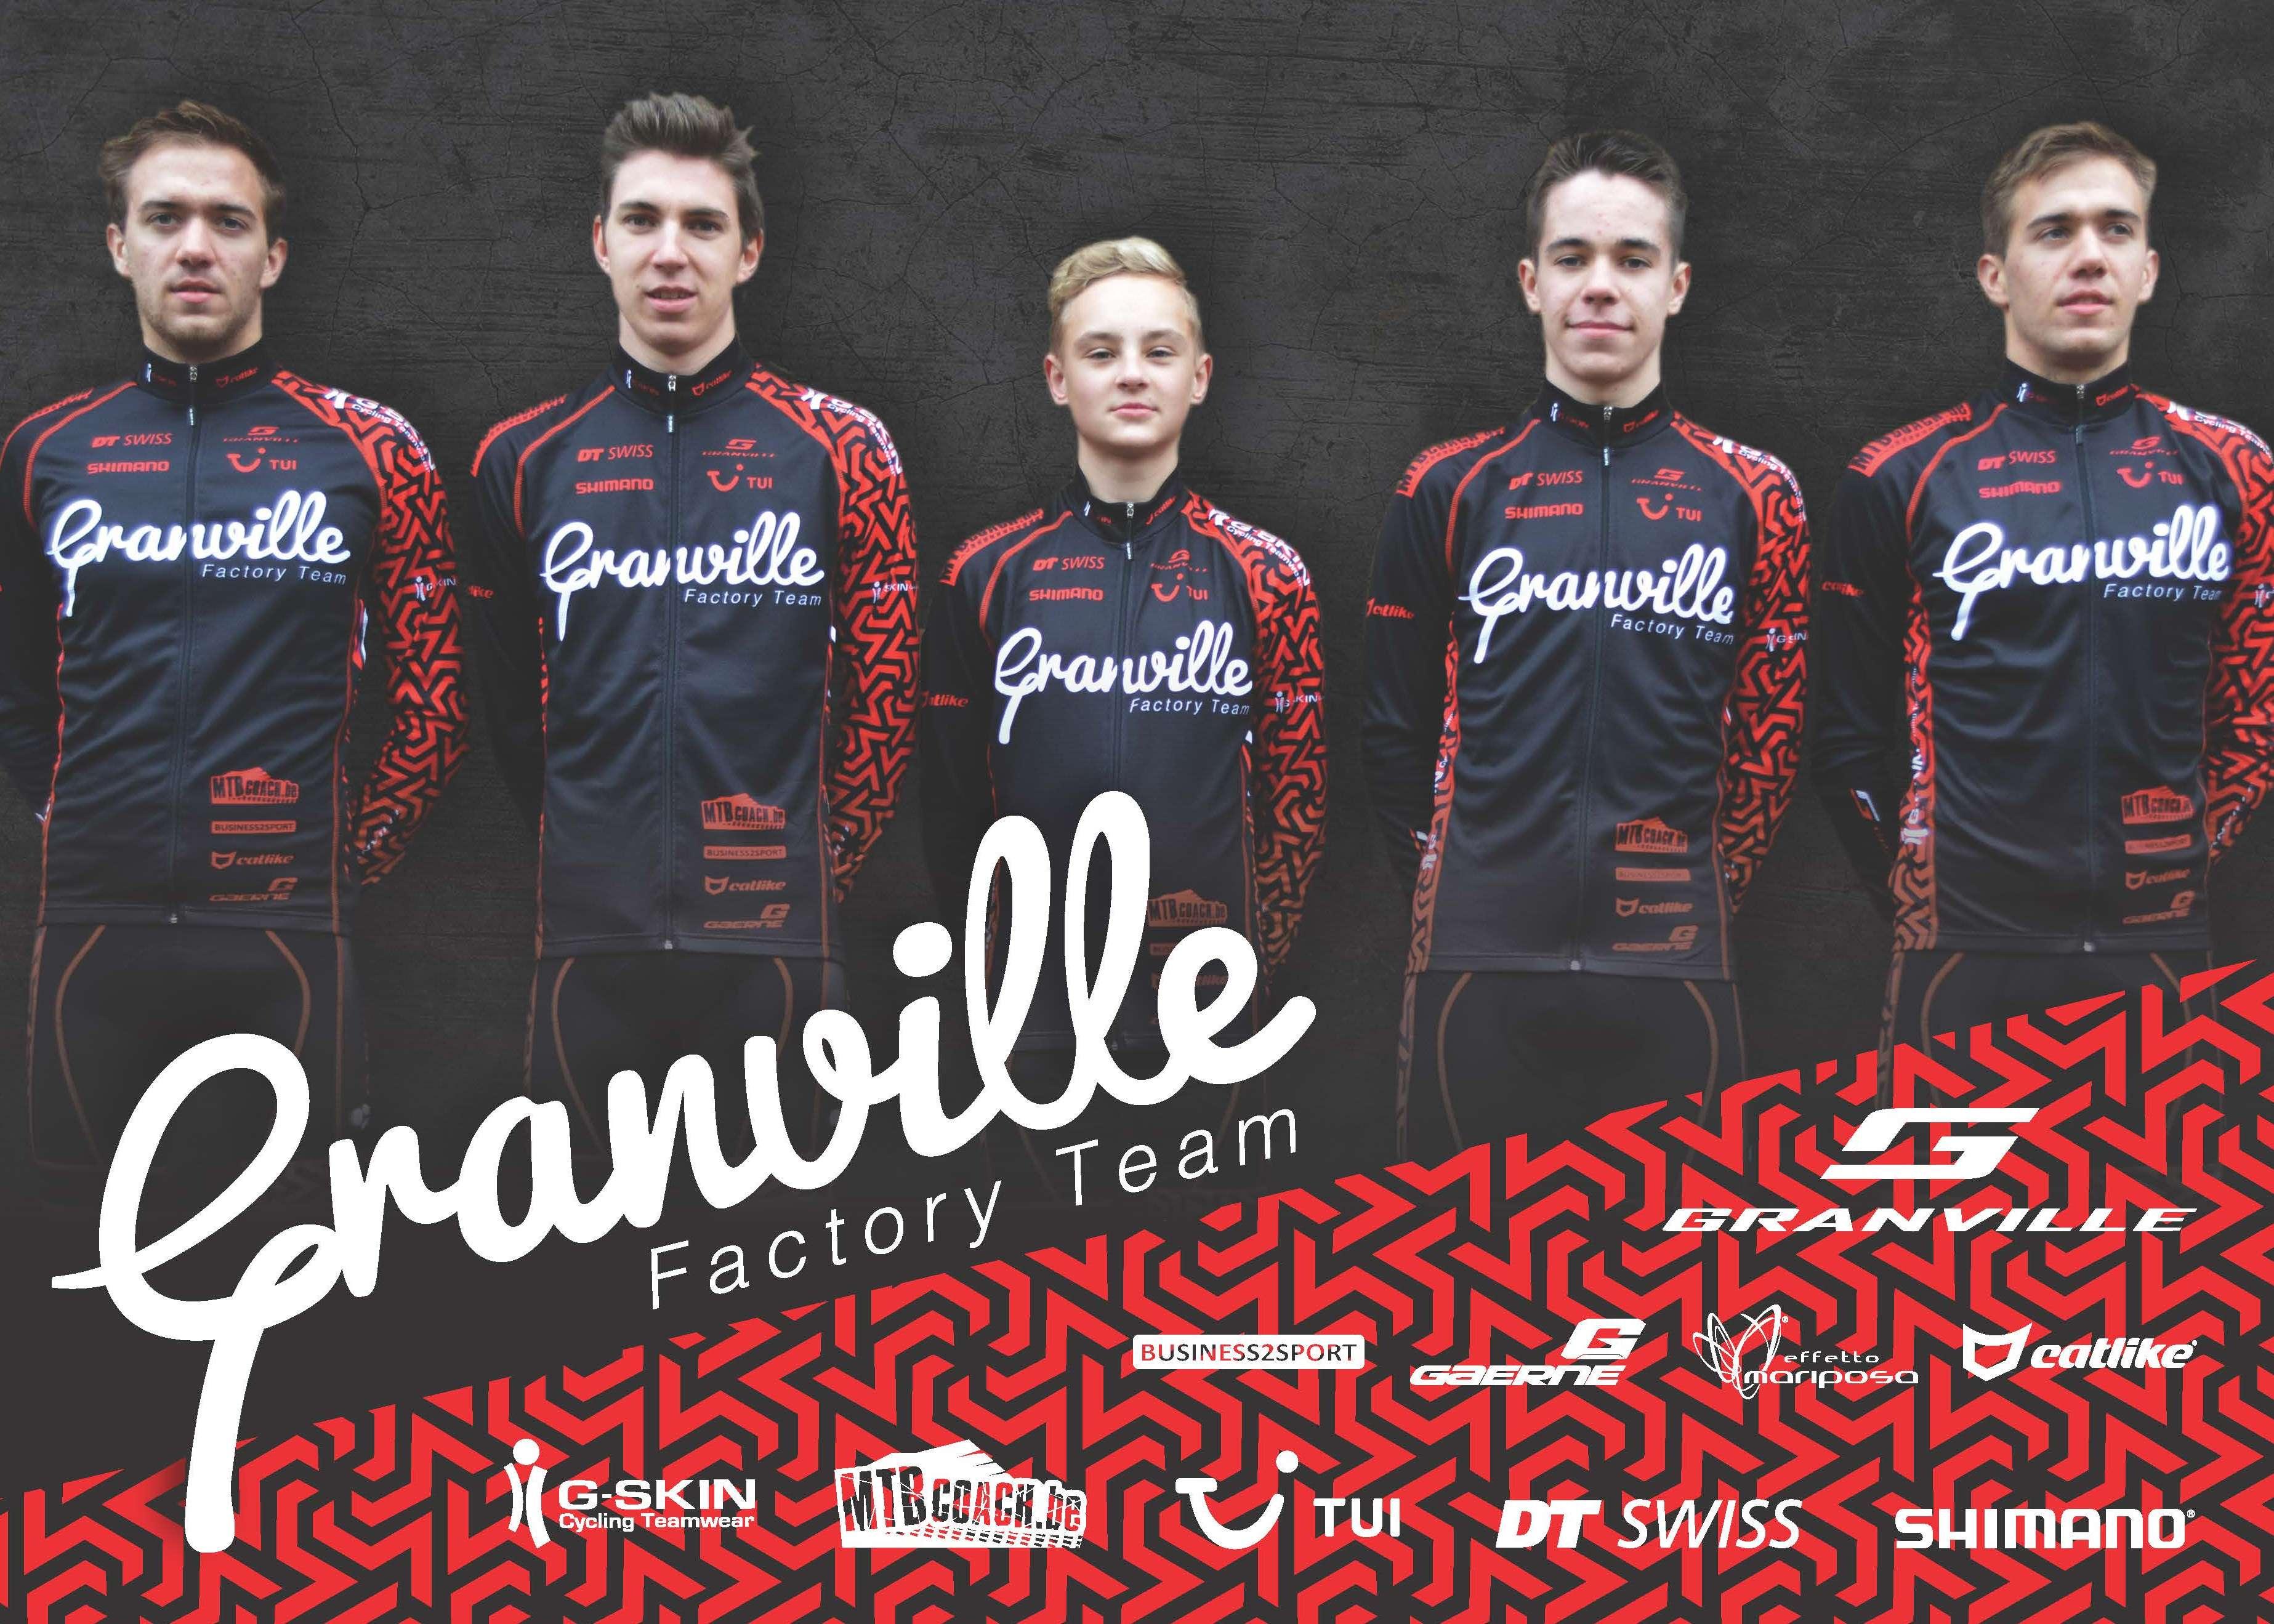 Granville Factory Team na stage klaar voor het nieuwe seizoen